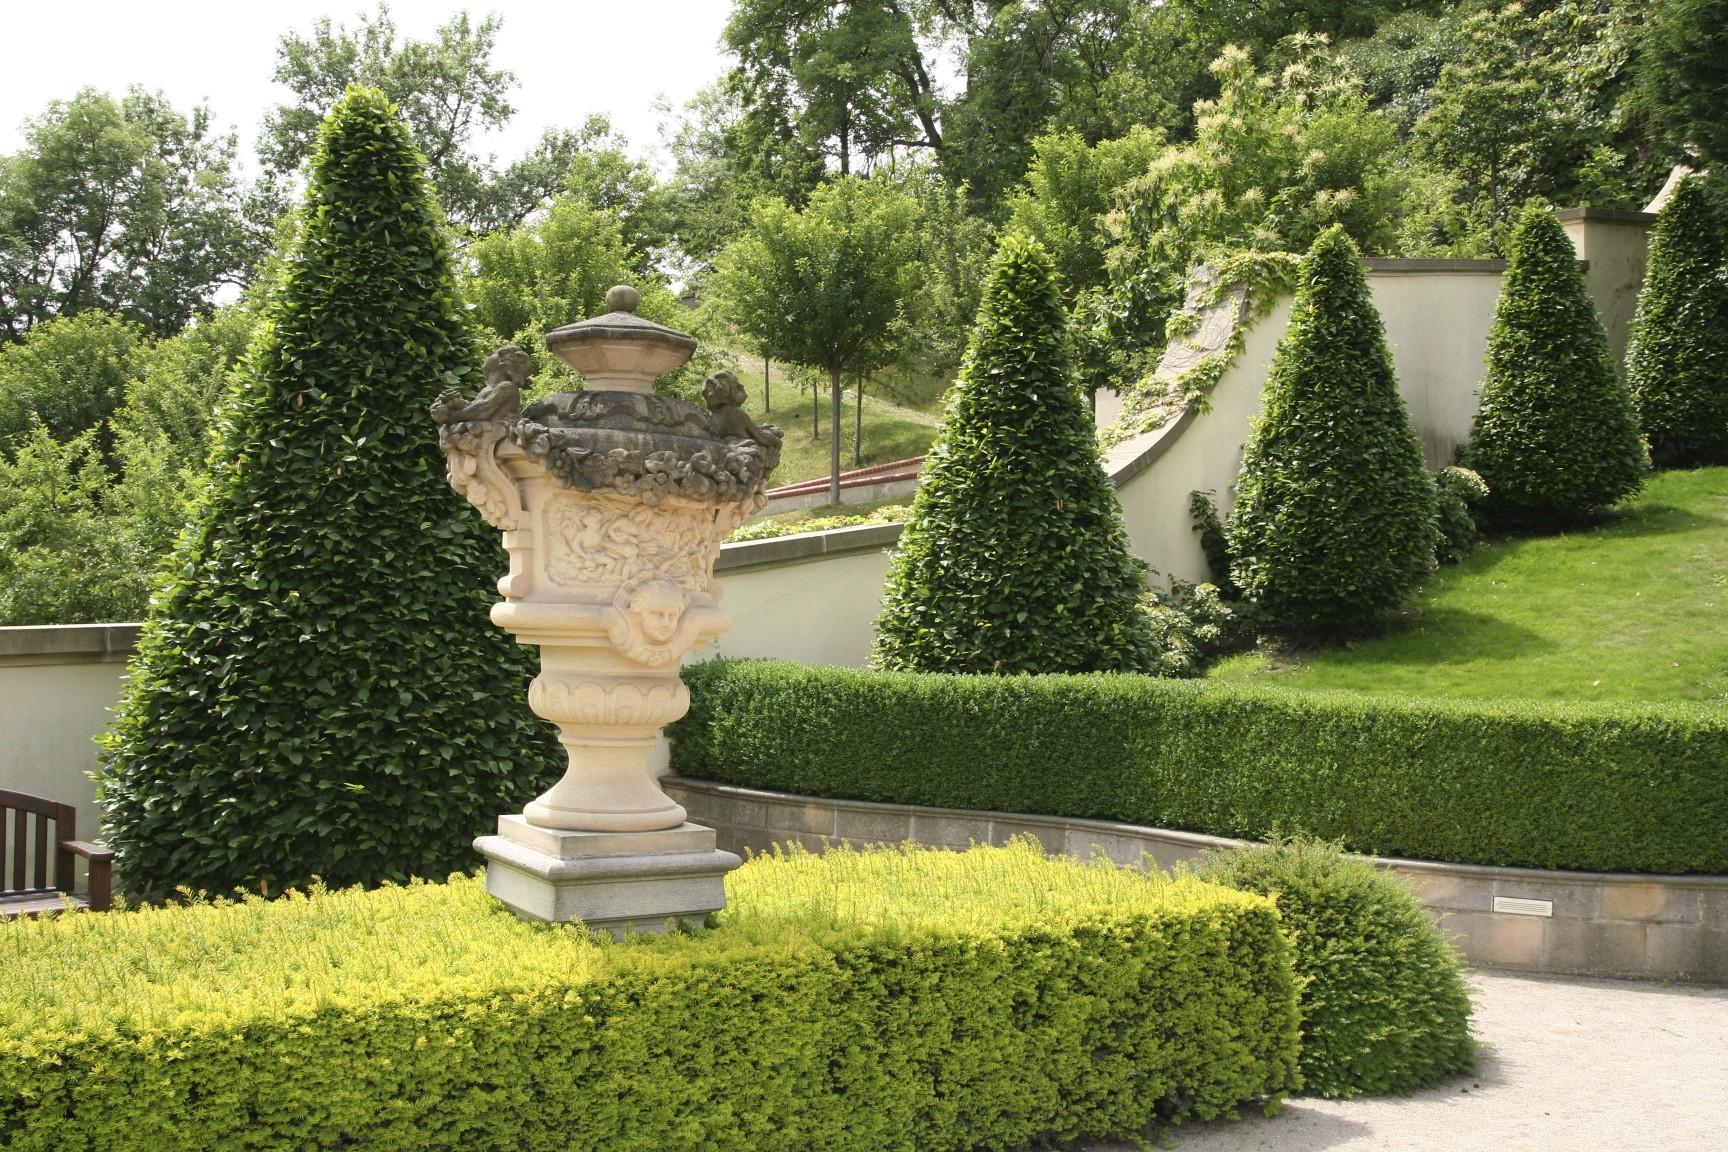 vrtba garden prague czech - photo #27